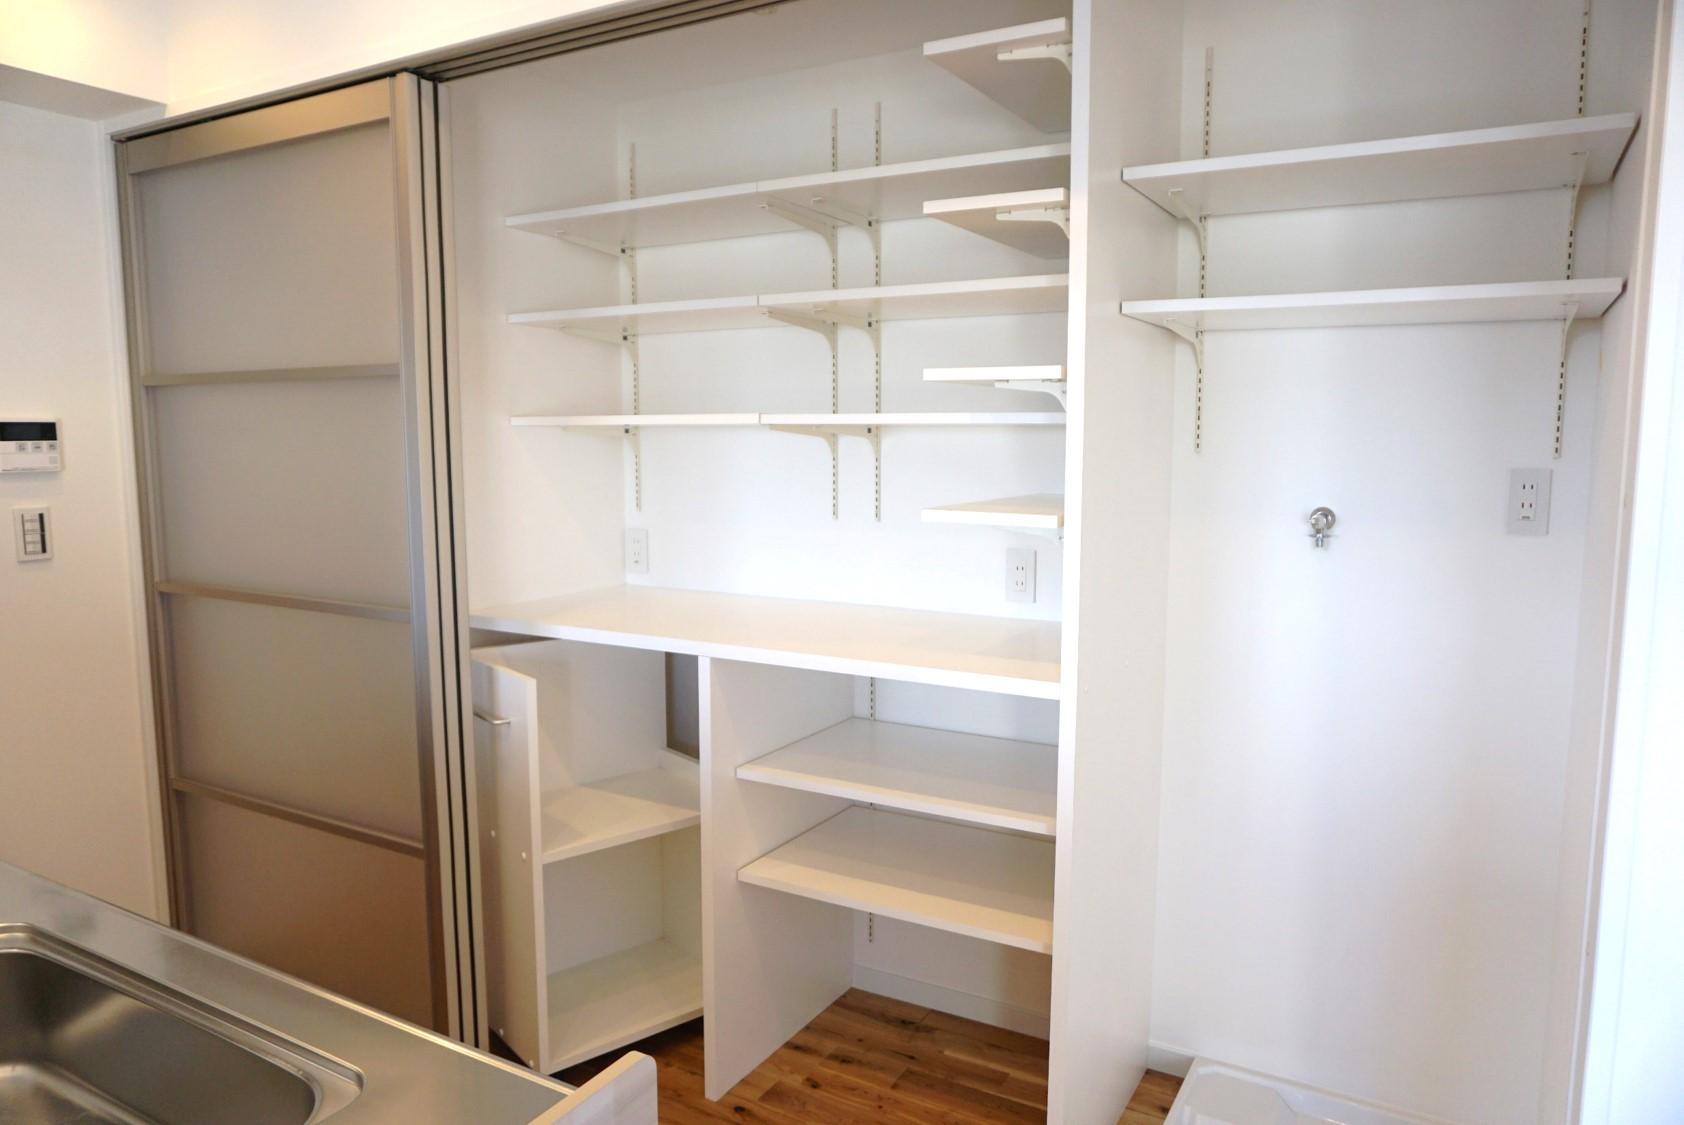 必要道具一式が収納できる大容量なスペース。